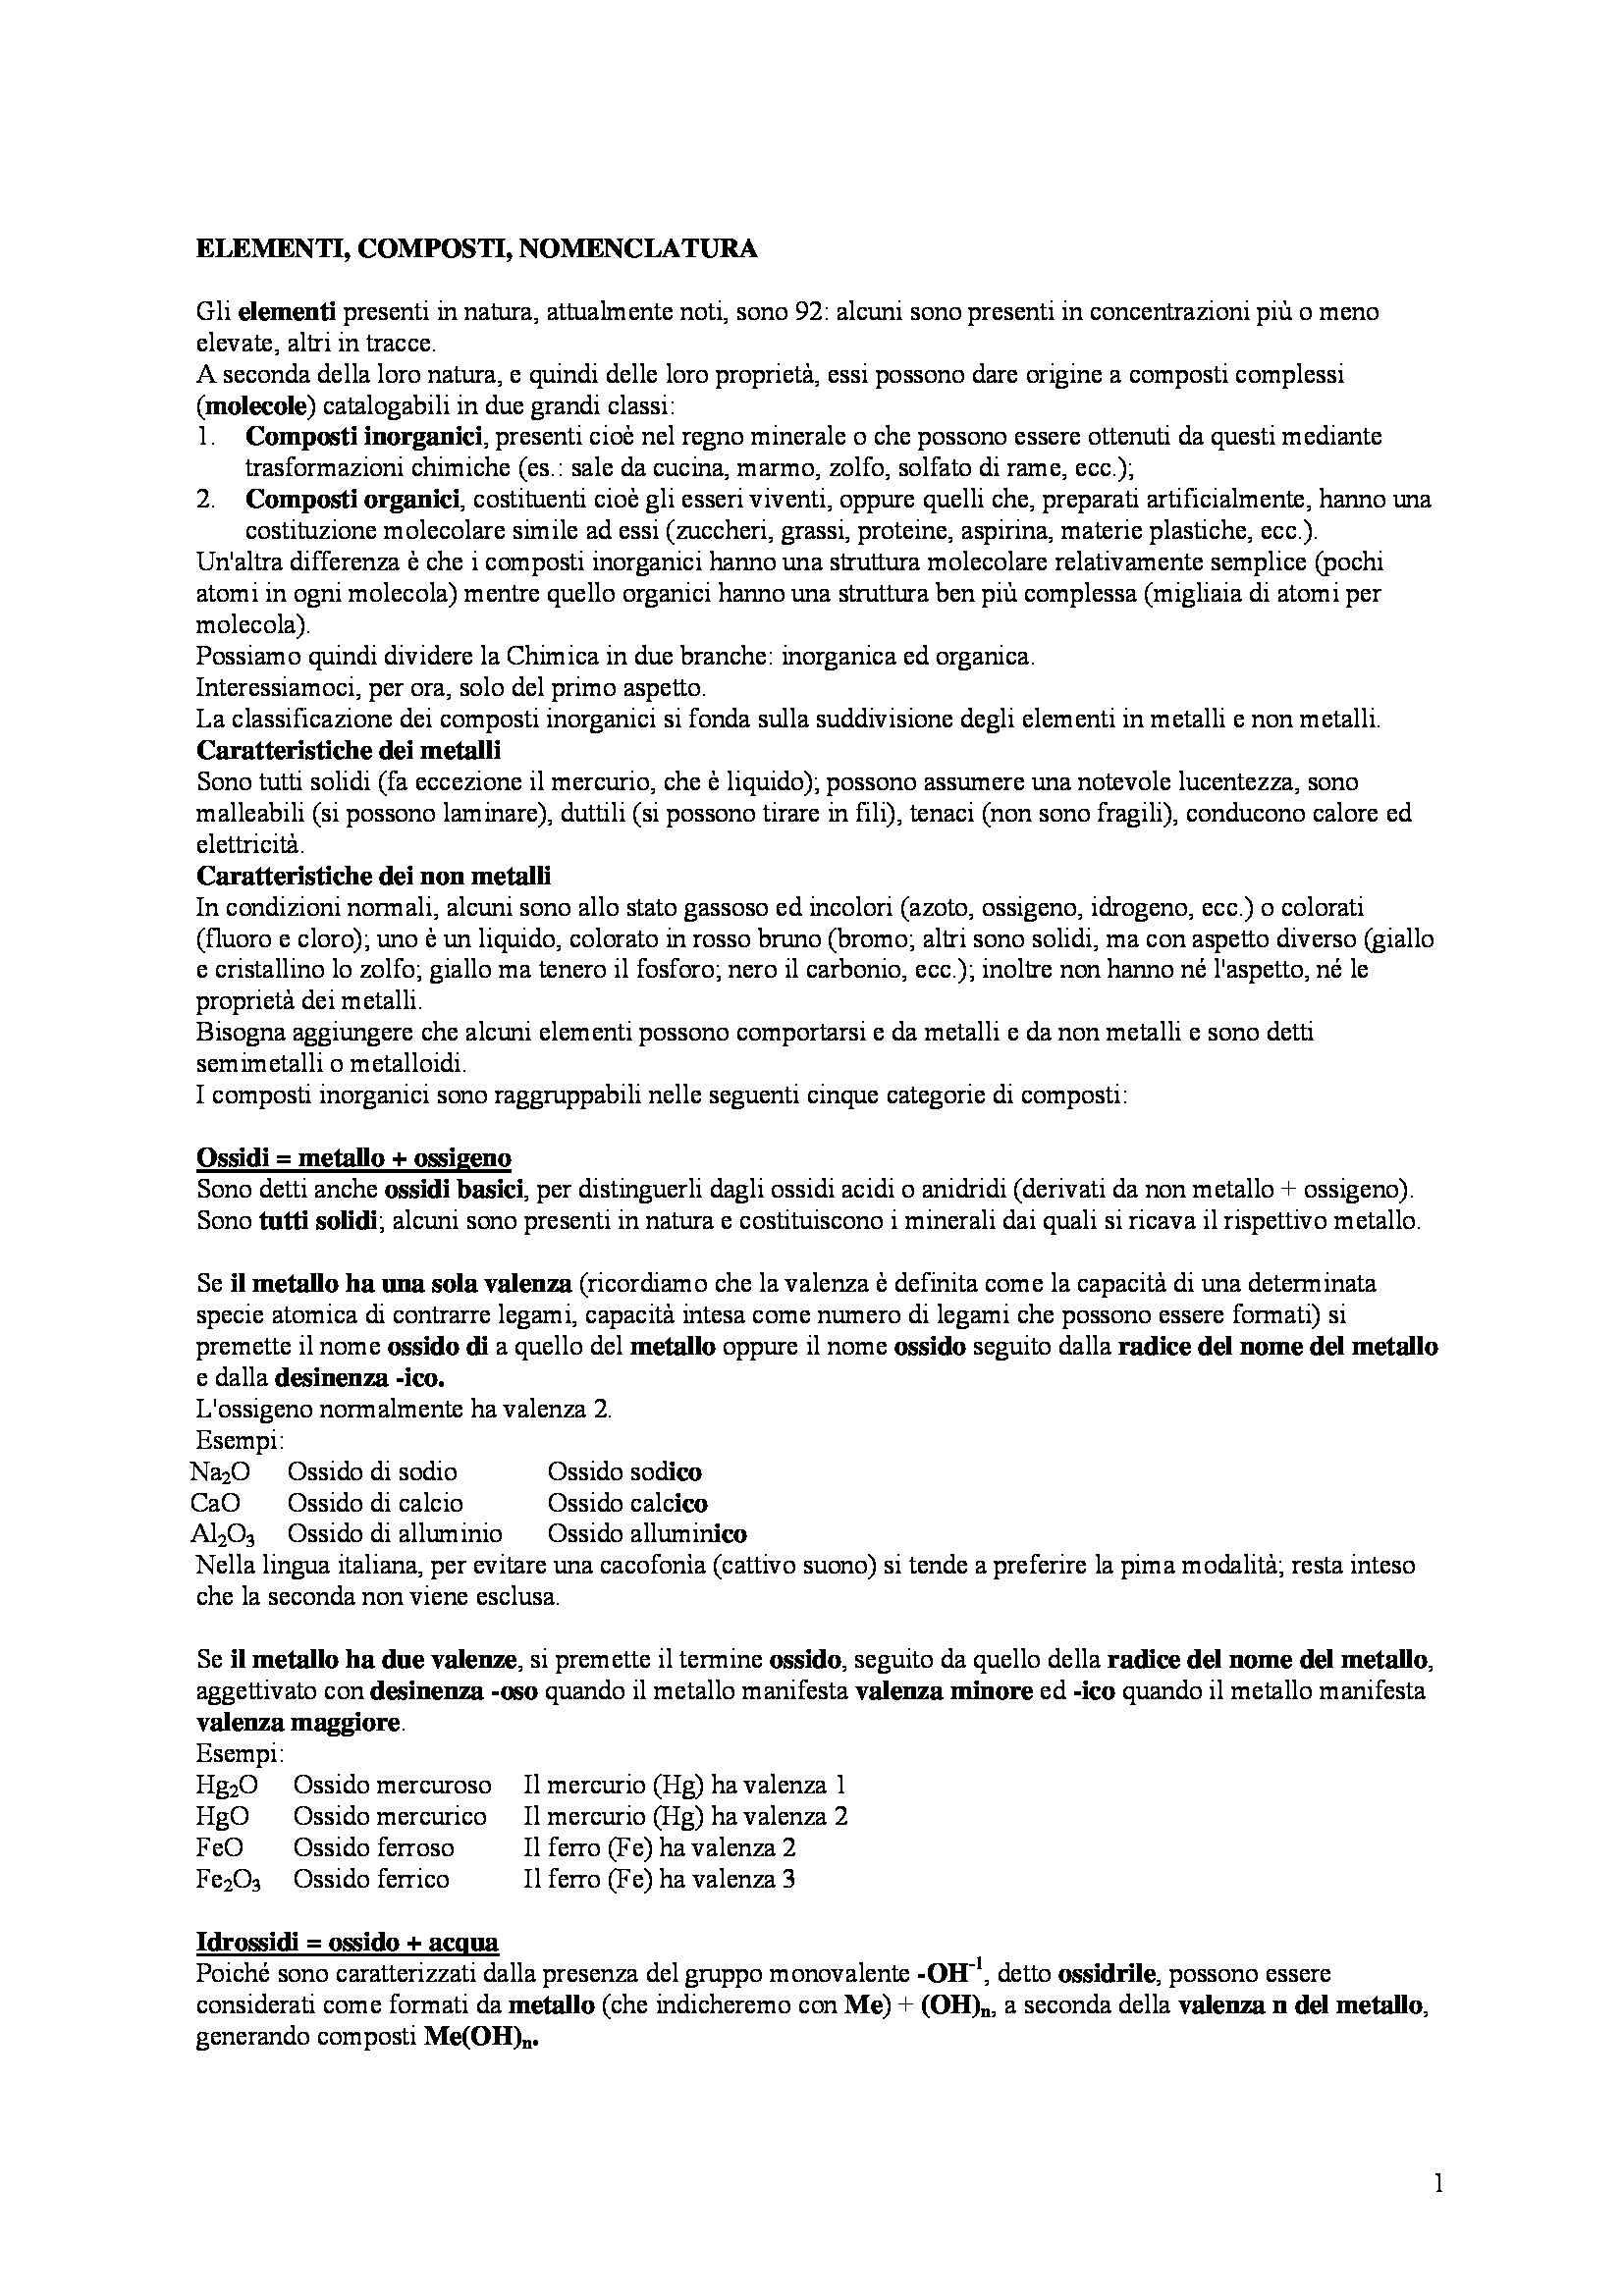 Chimica organica - Elementi, composti e nomenclatura